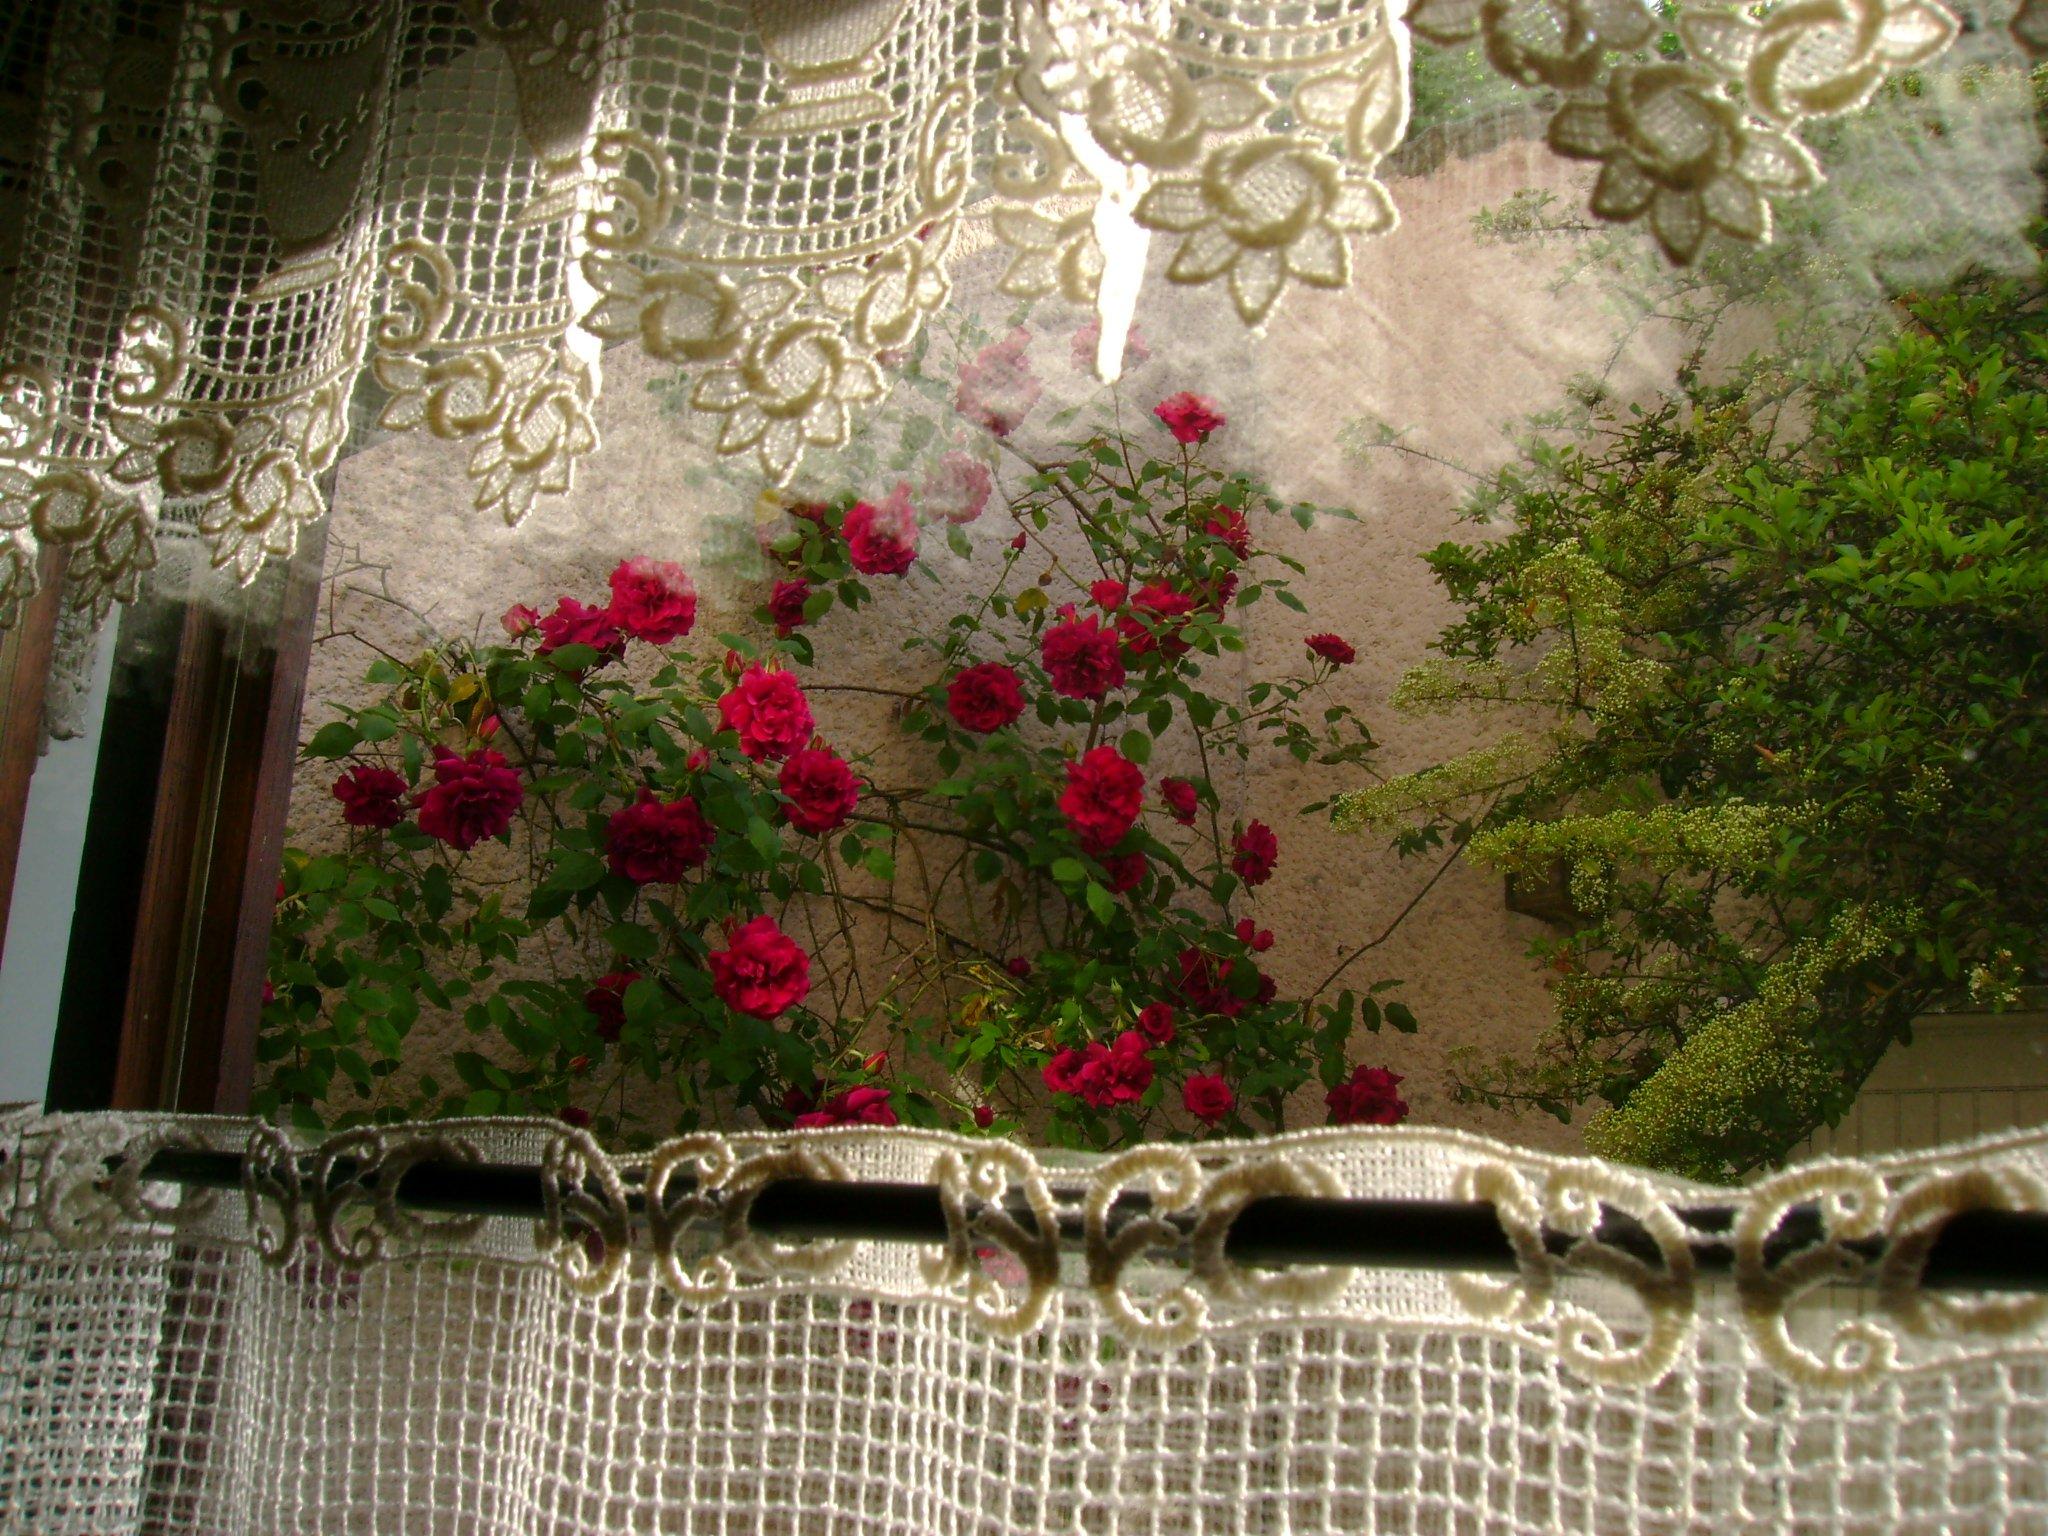 Des fenêtres d'hier et d'aujourd'hui. - Page 6 Grenier-copyright-bezabh-roses-fenetre-jardin-big